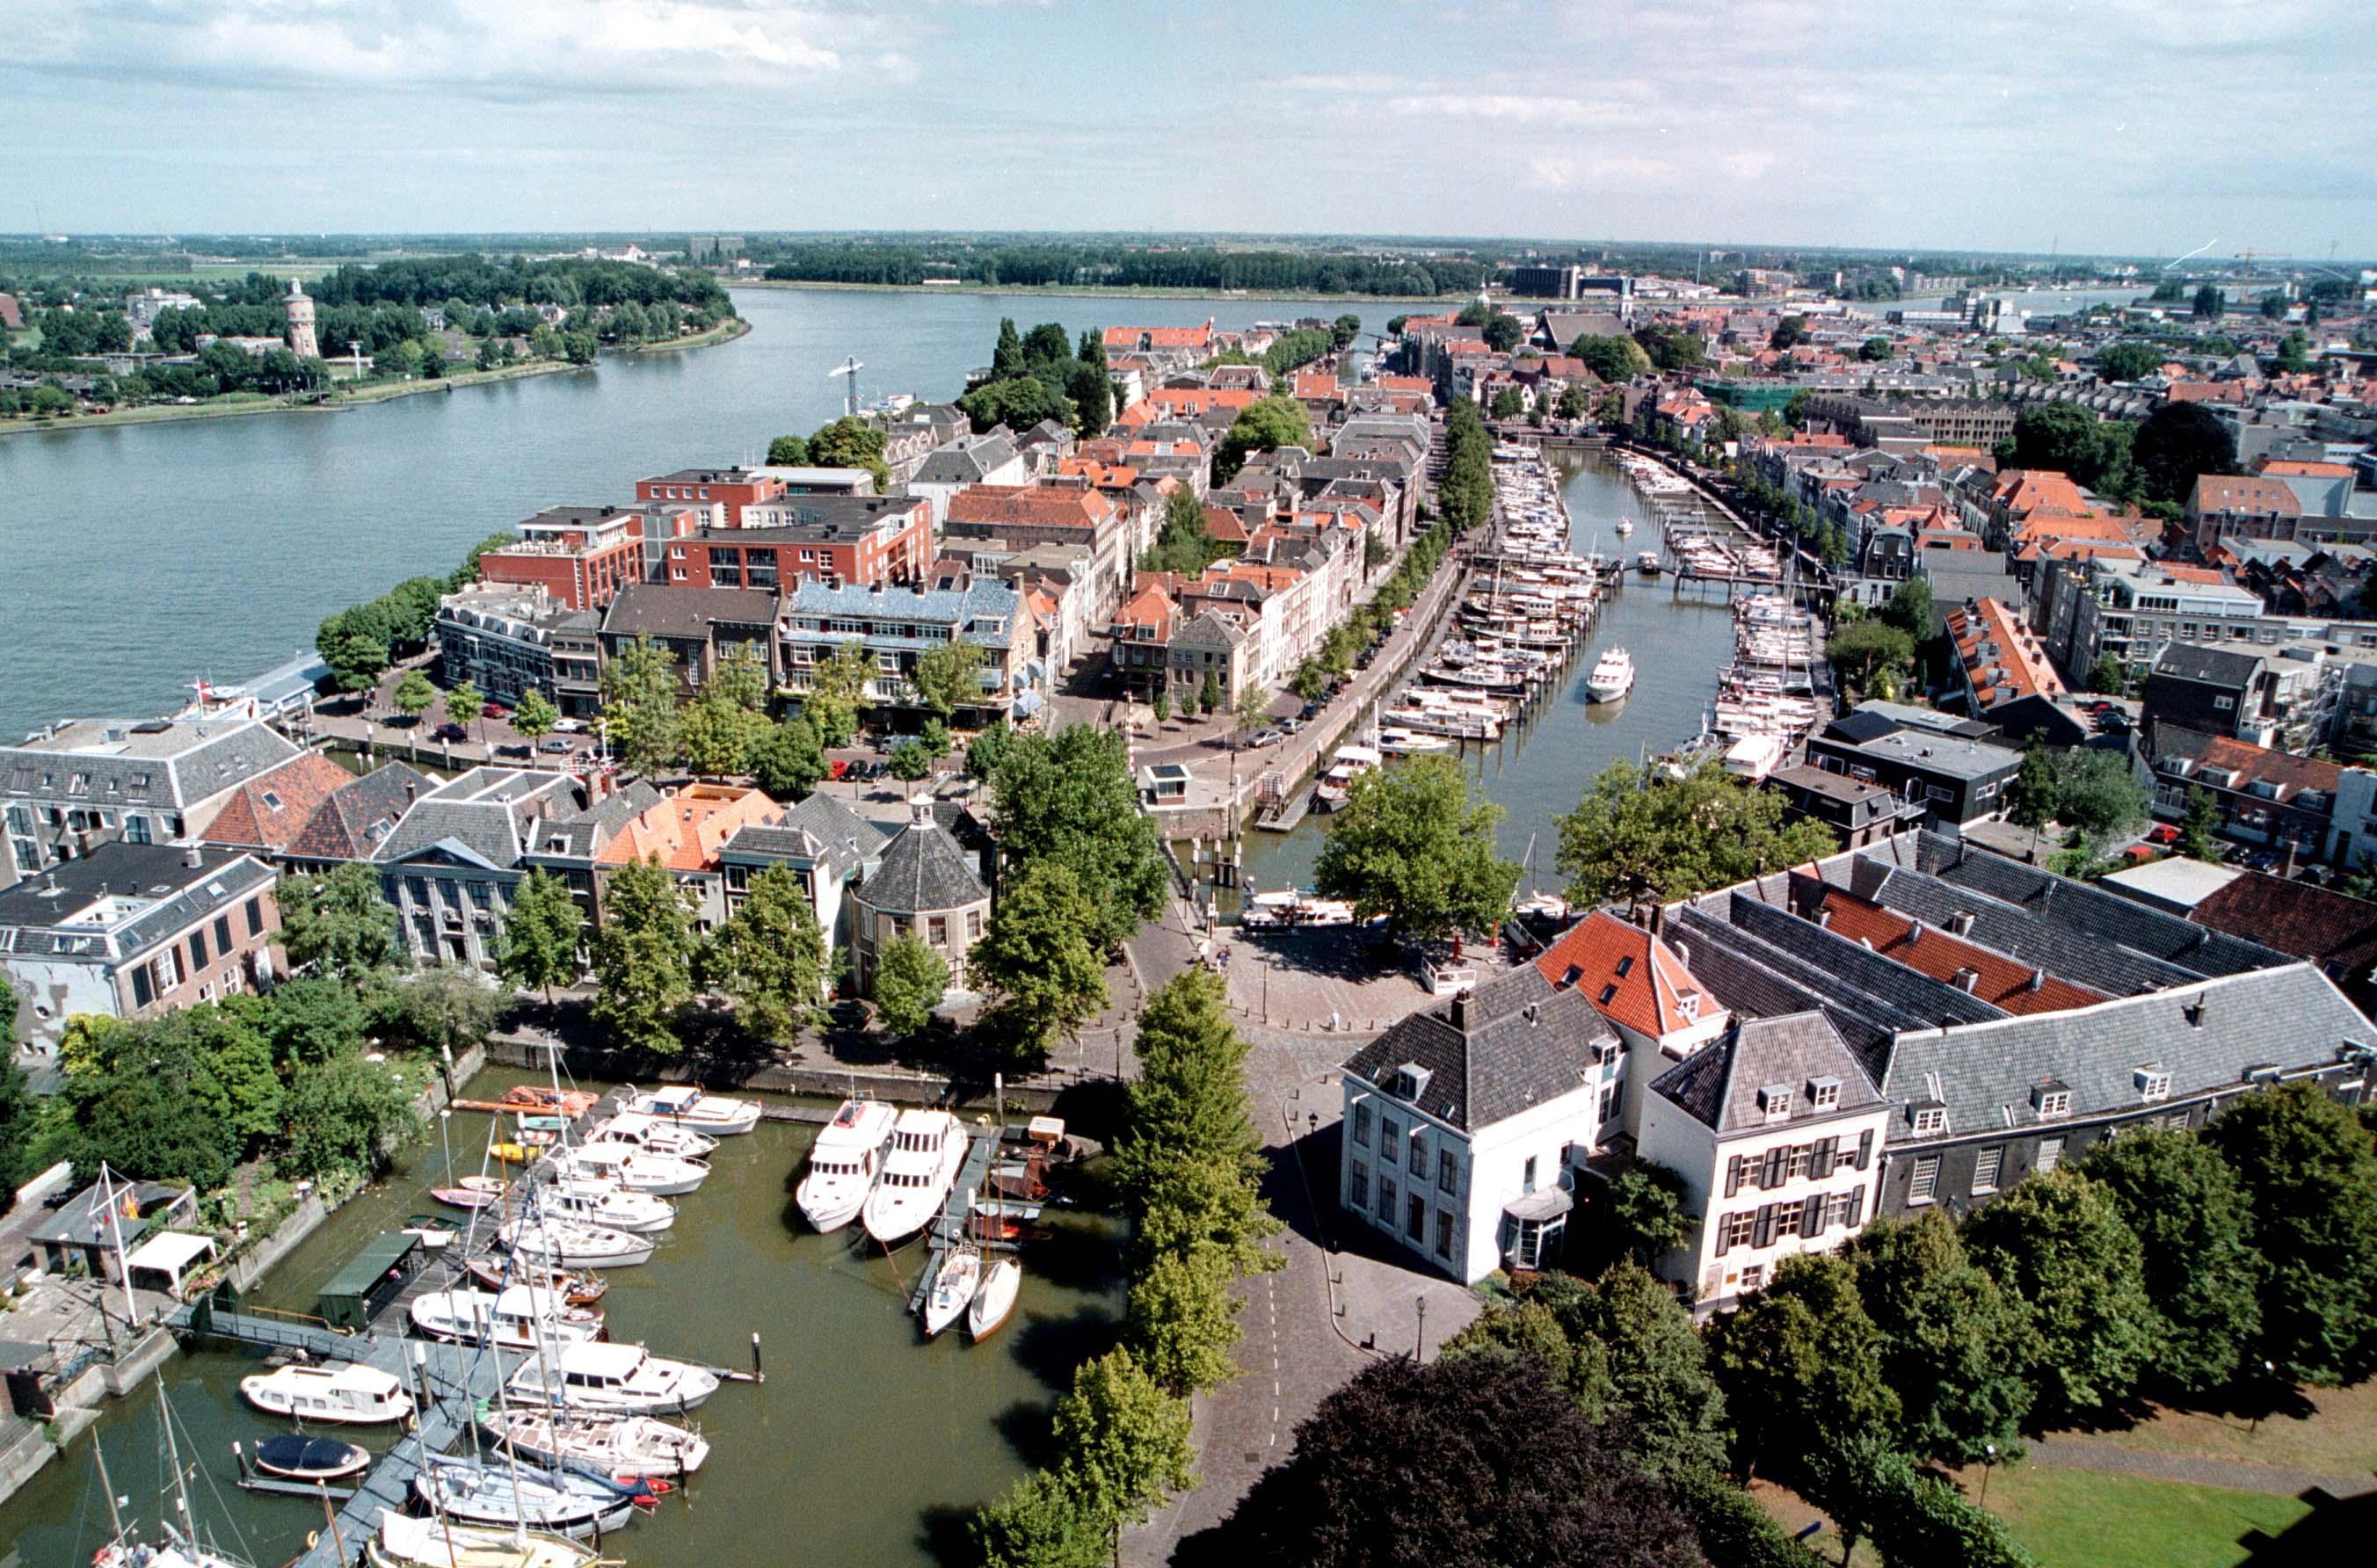 uitjes in Dordrecht: www.wave-citygames.nl/activiteiten-in-plaatsen/nederland/uitjes-in...